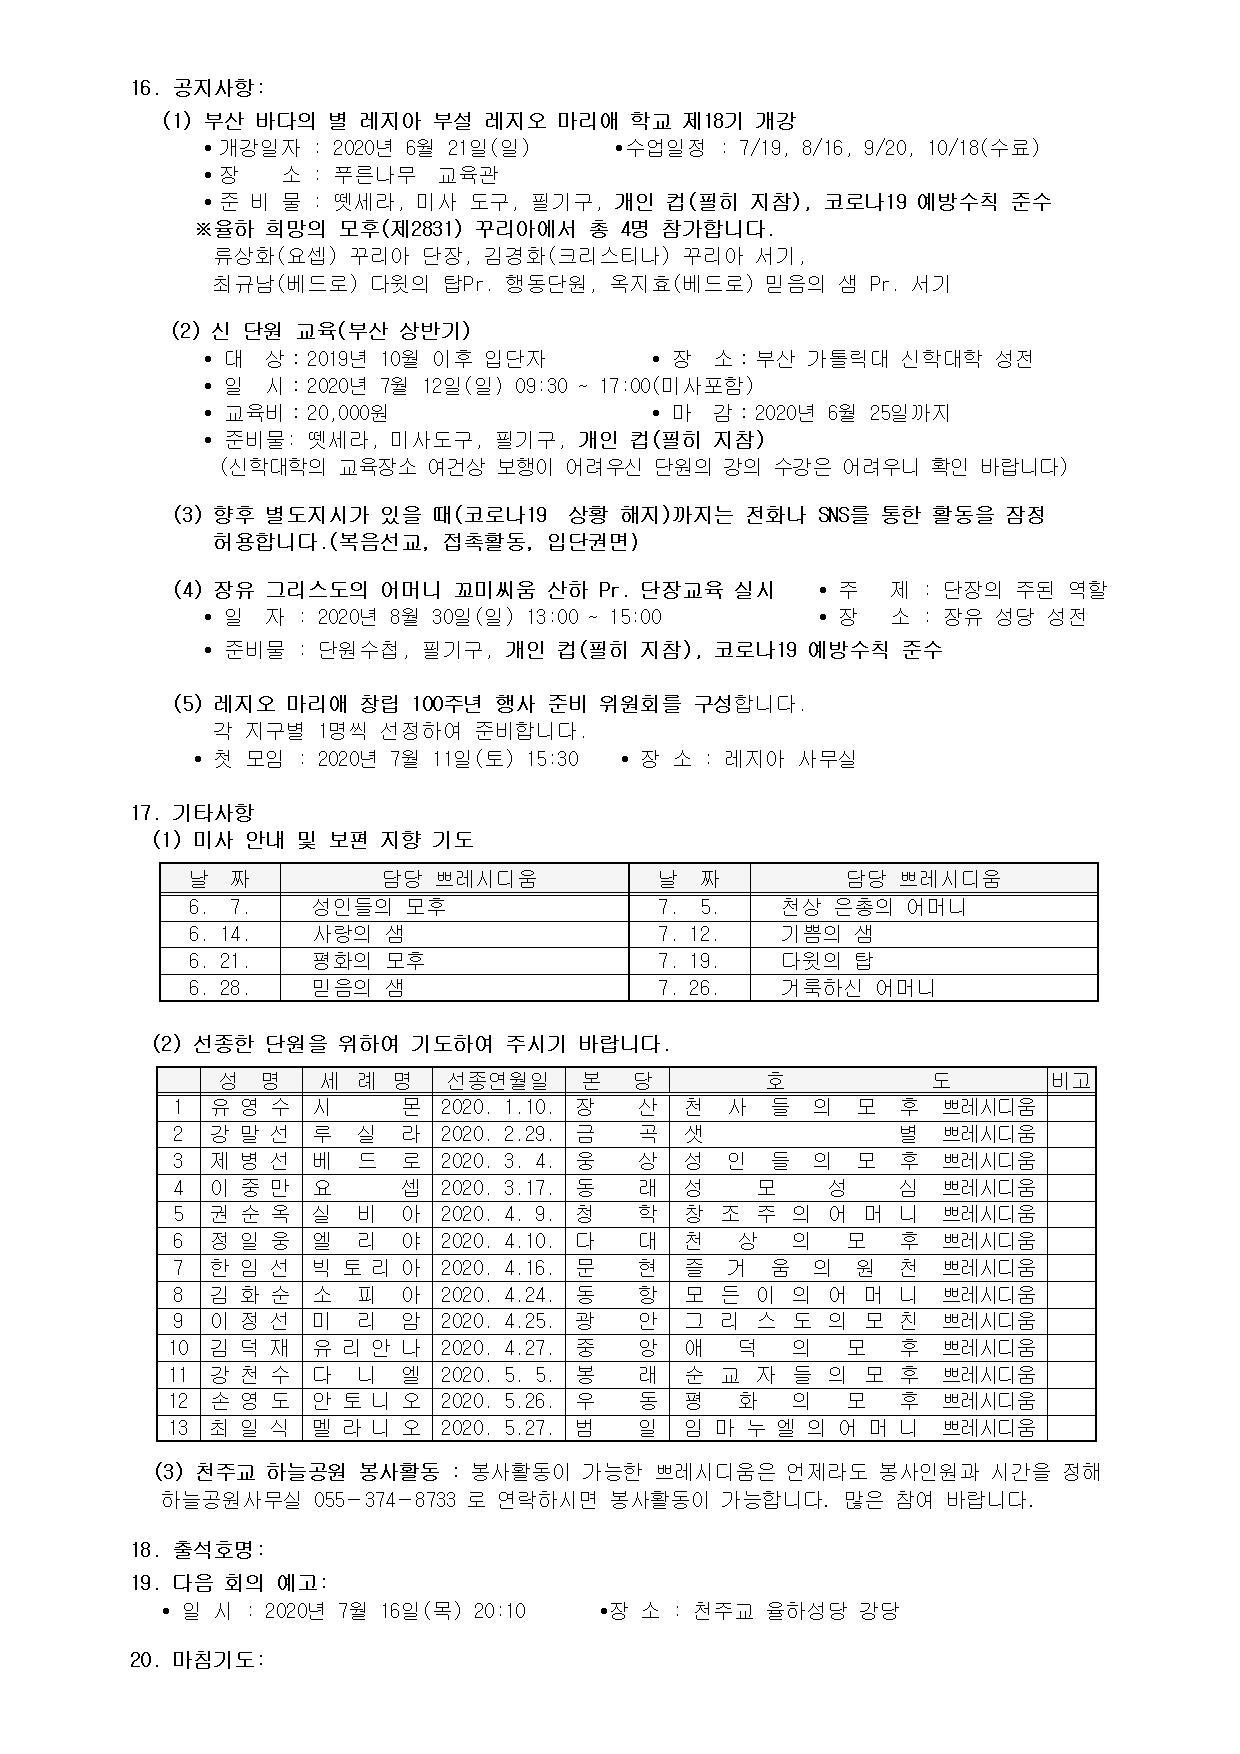 117차 평의회 자료002.jpg